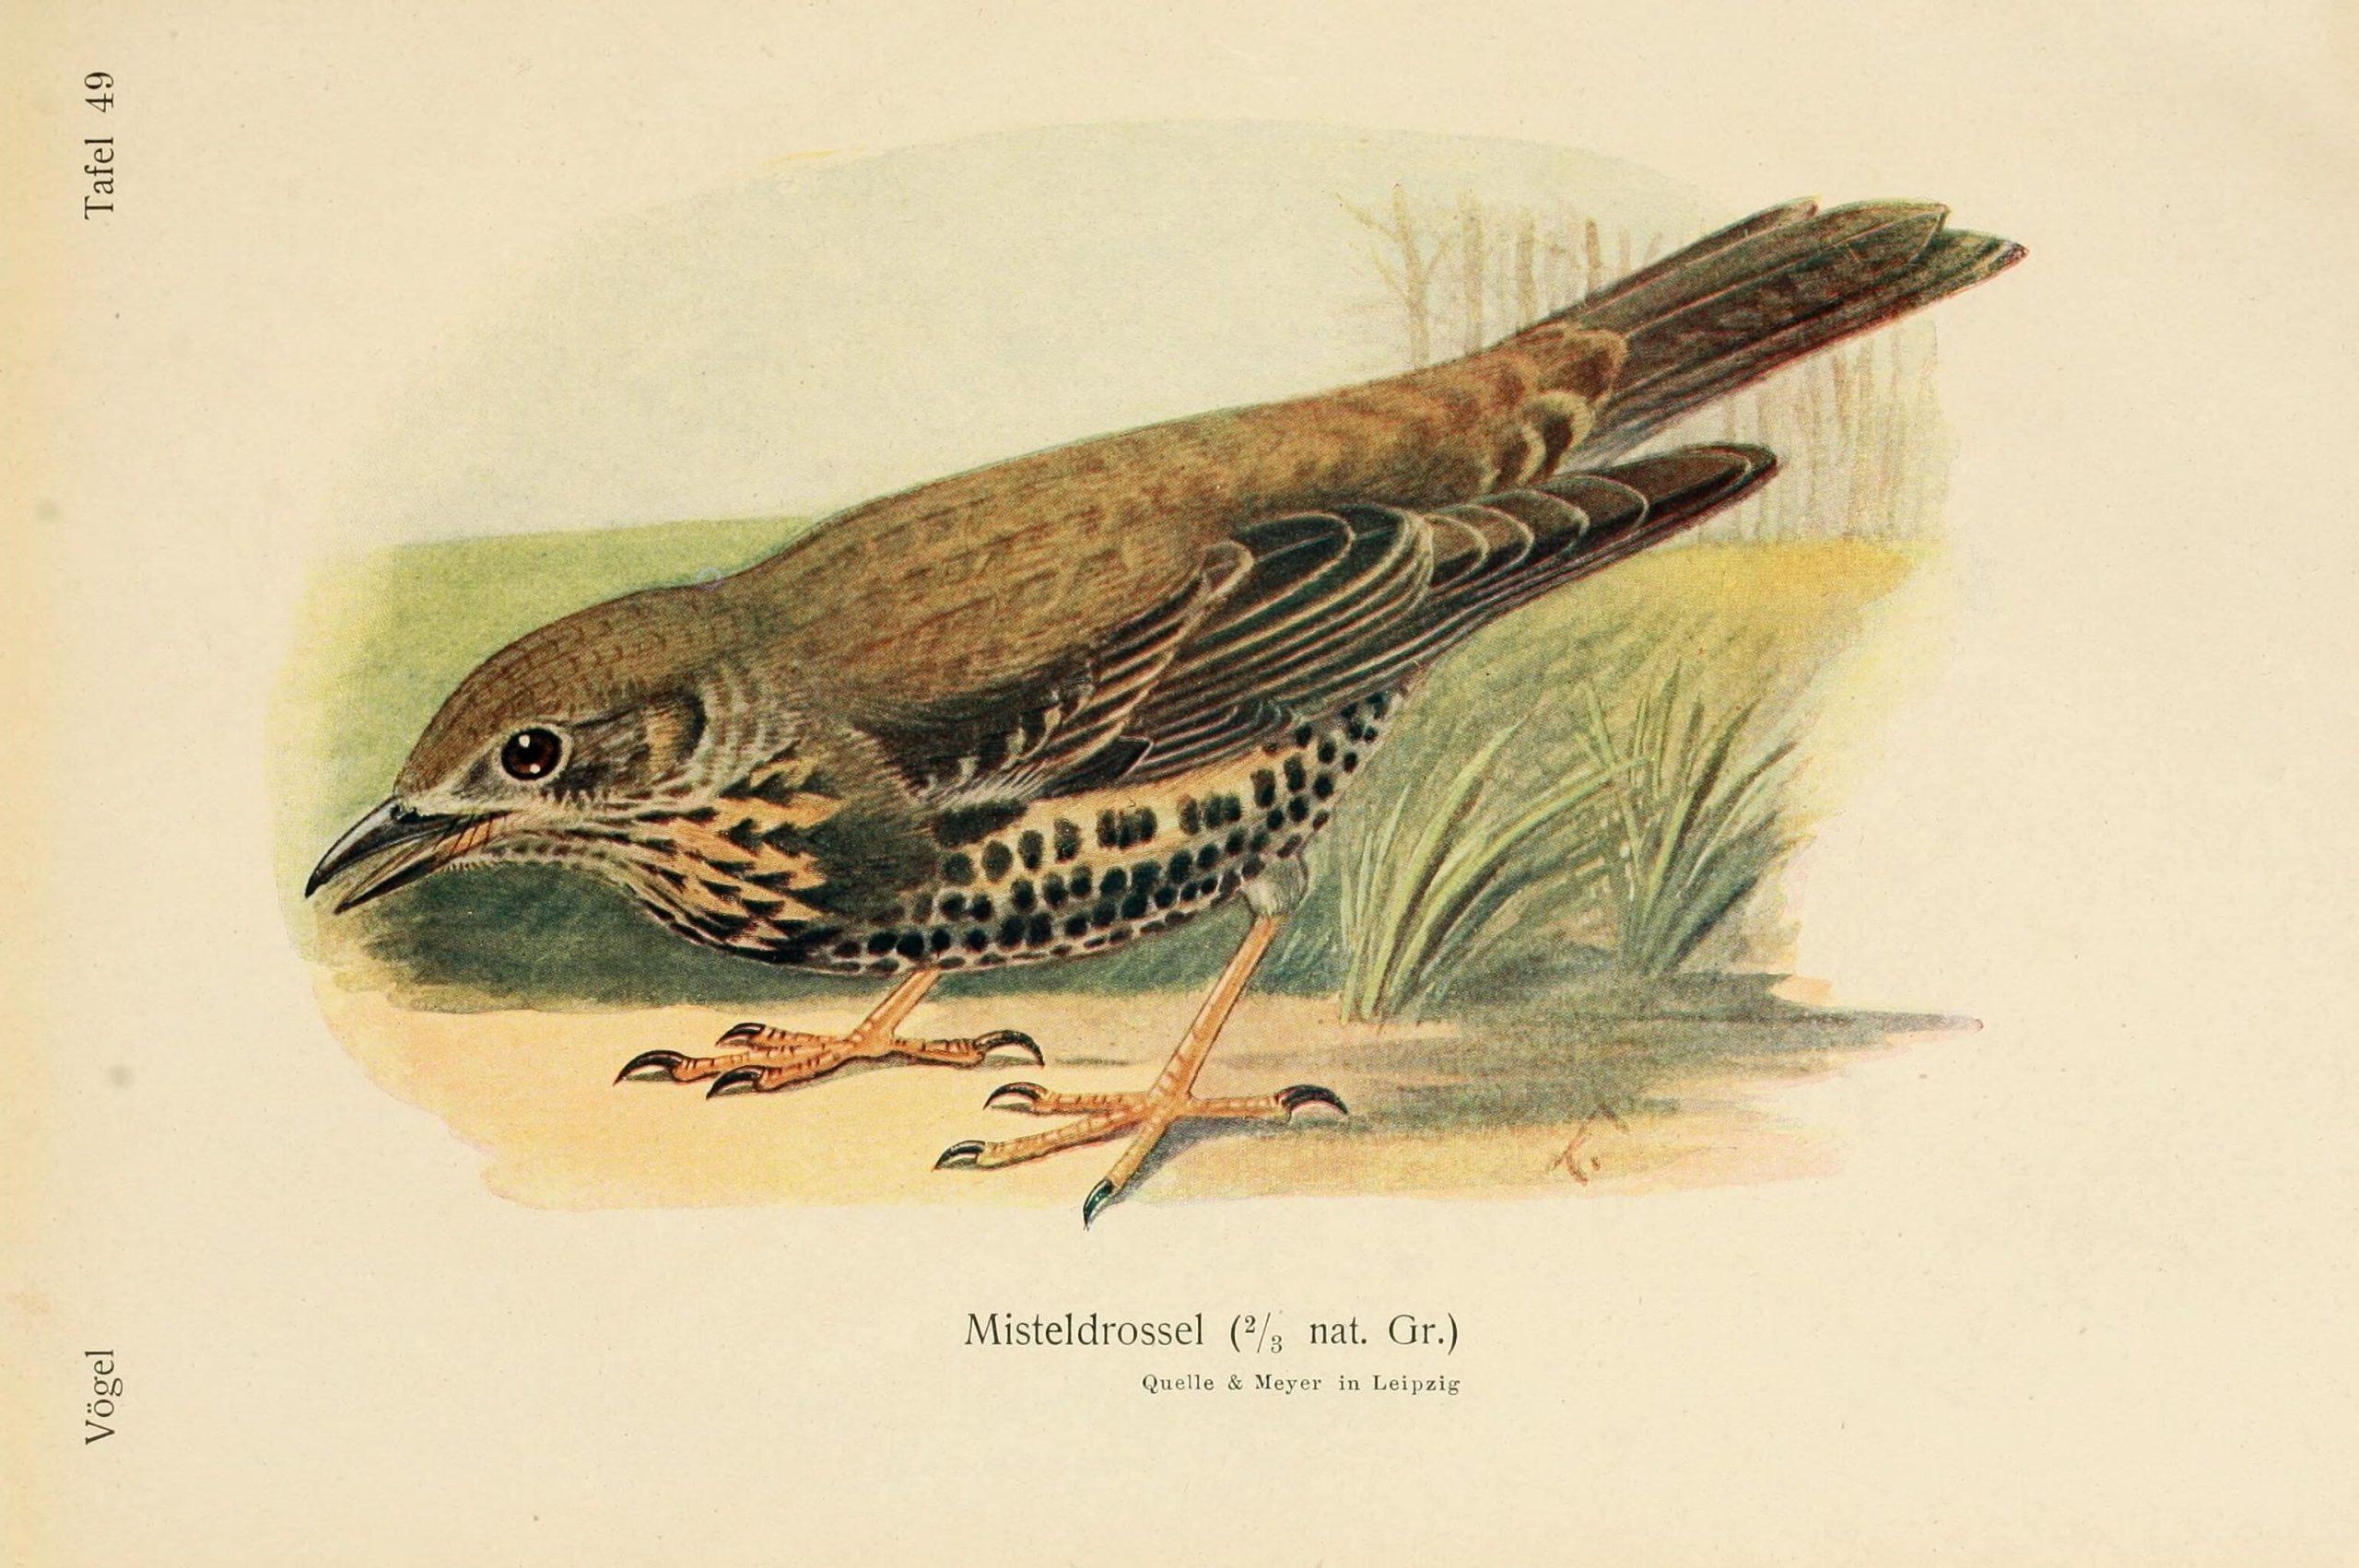 Pájaro ilustrado